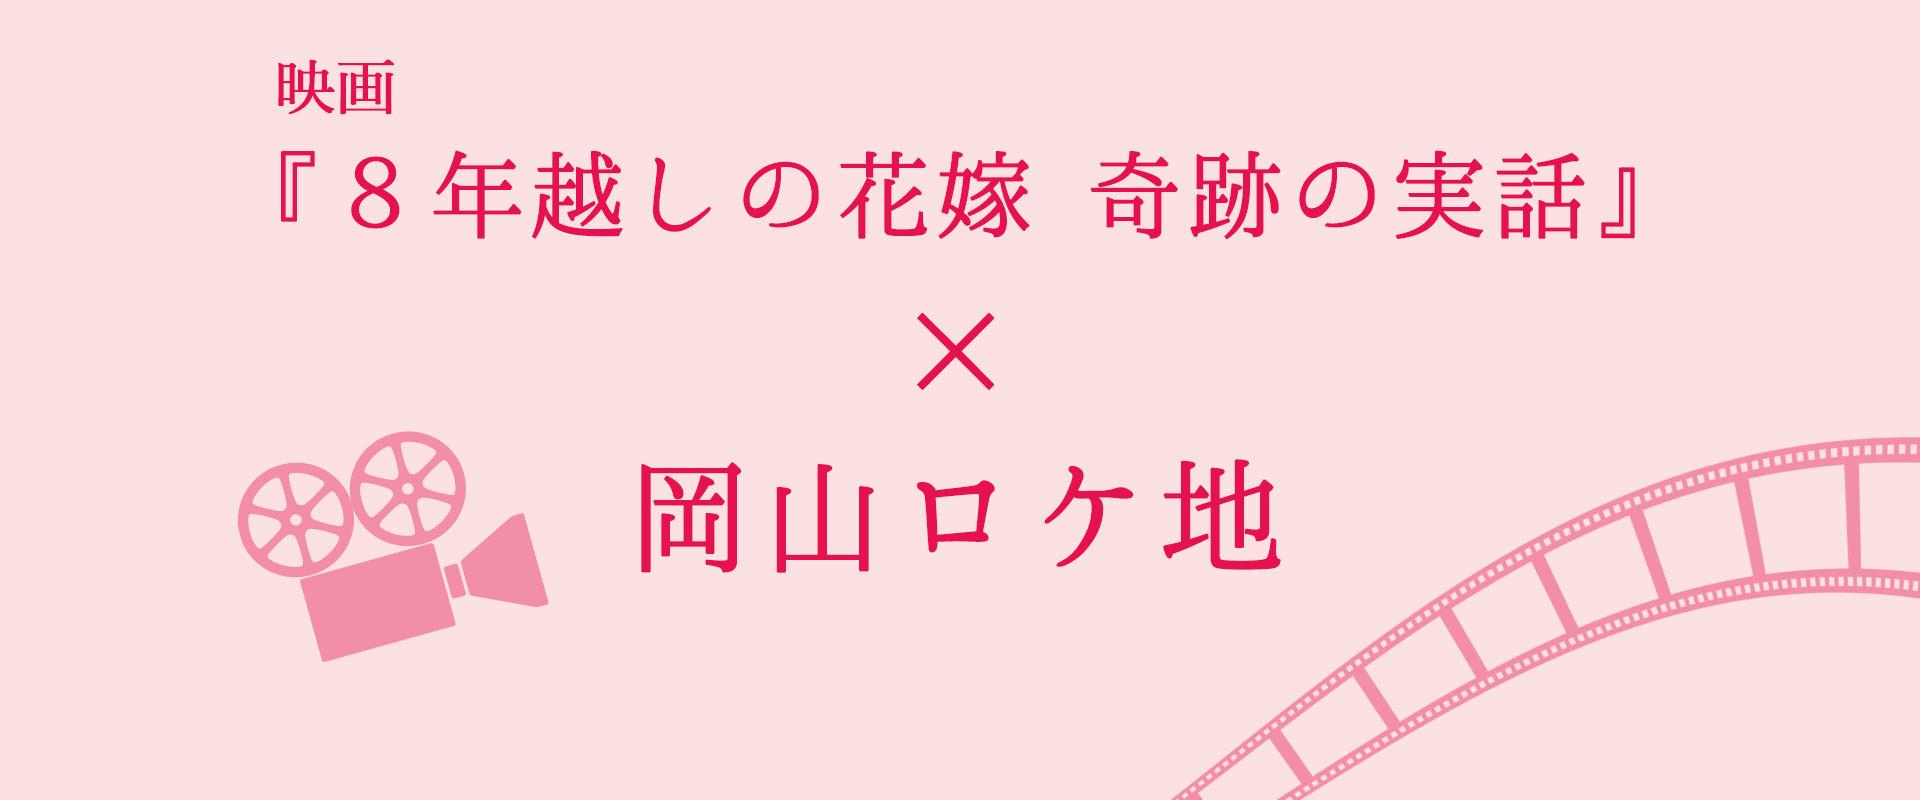 岡山 映画